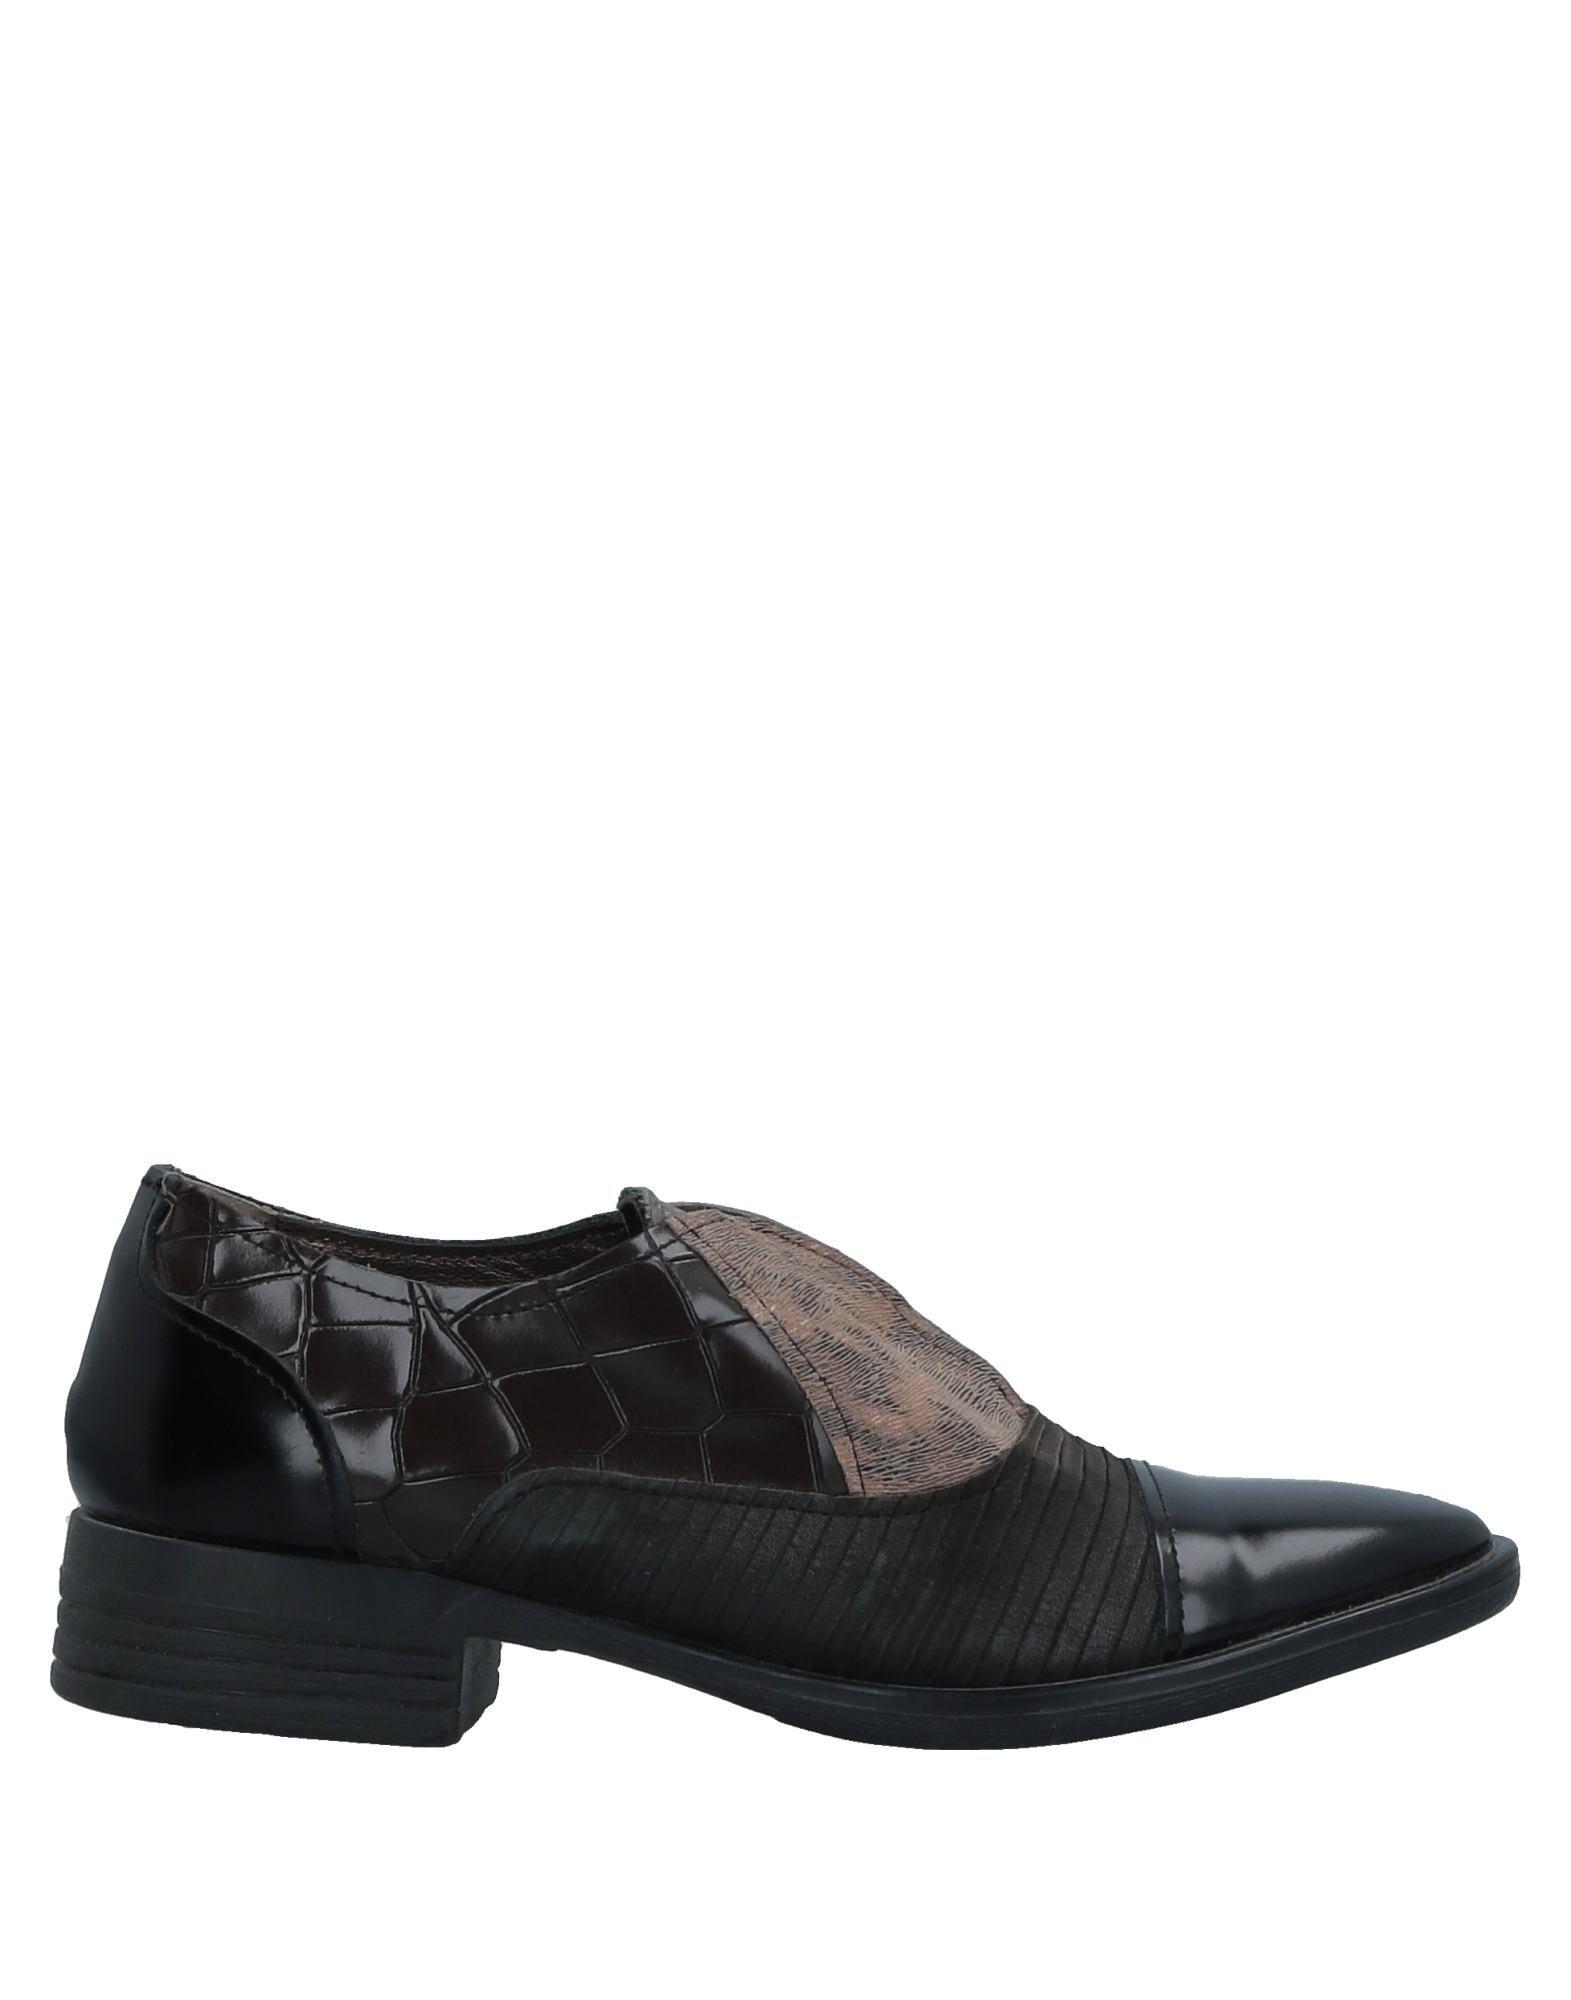 Ebarrito Mokassins Damen  11516734XS Gute Qualität beliebte Schuhe